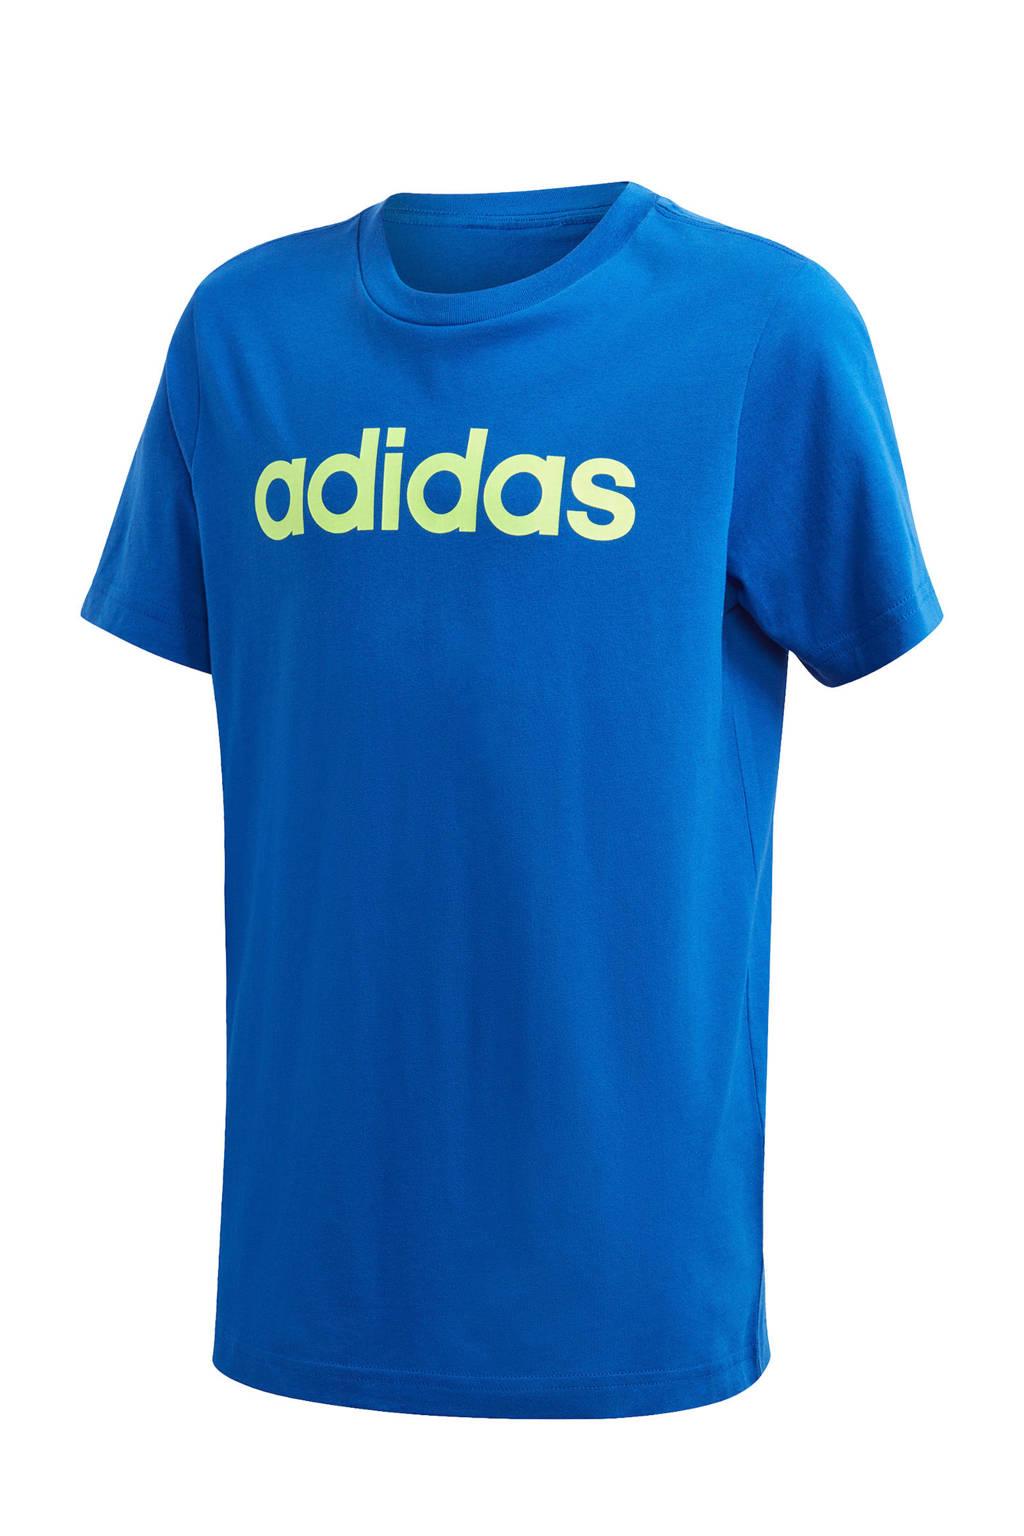 adidas Performance   sport T-shirt blauw/groen, Blauw/groen